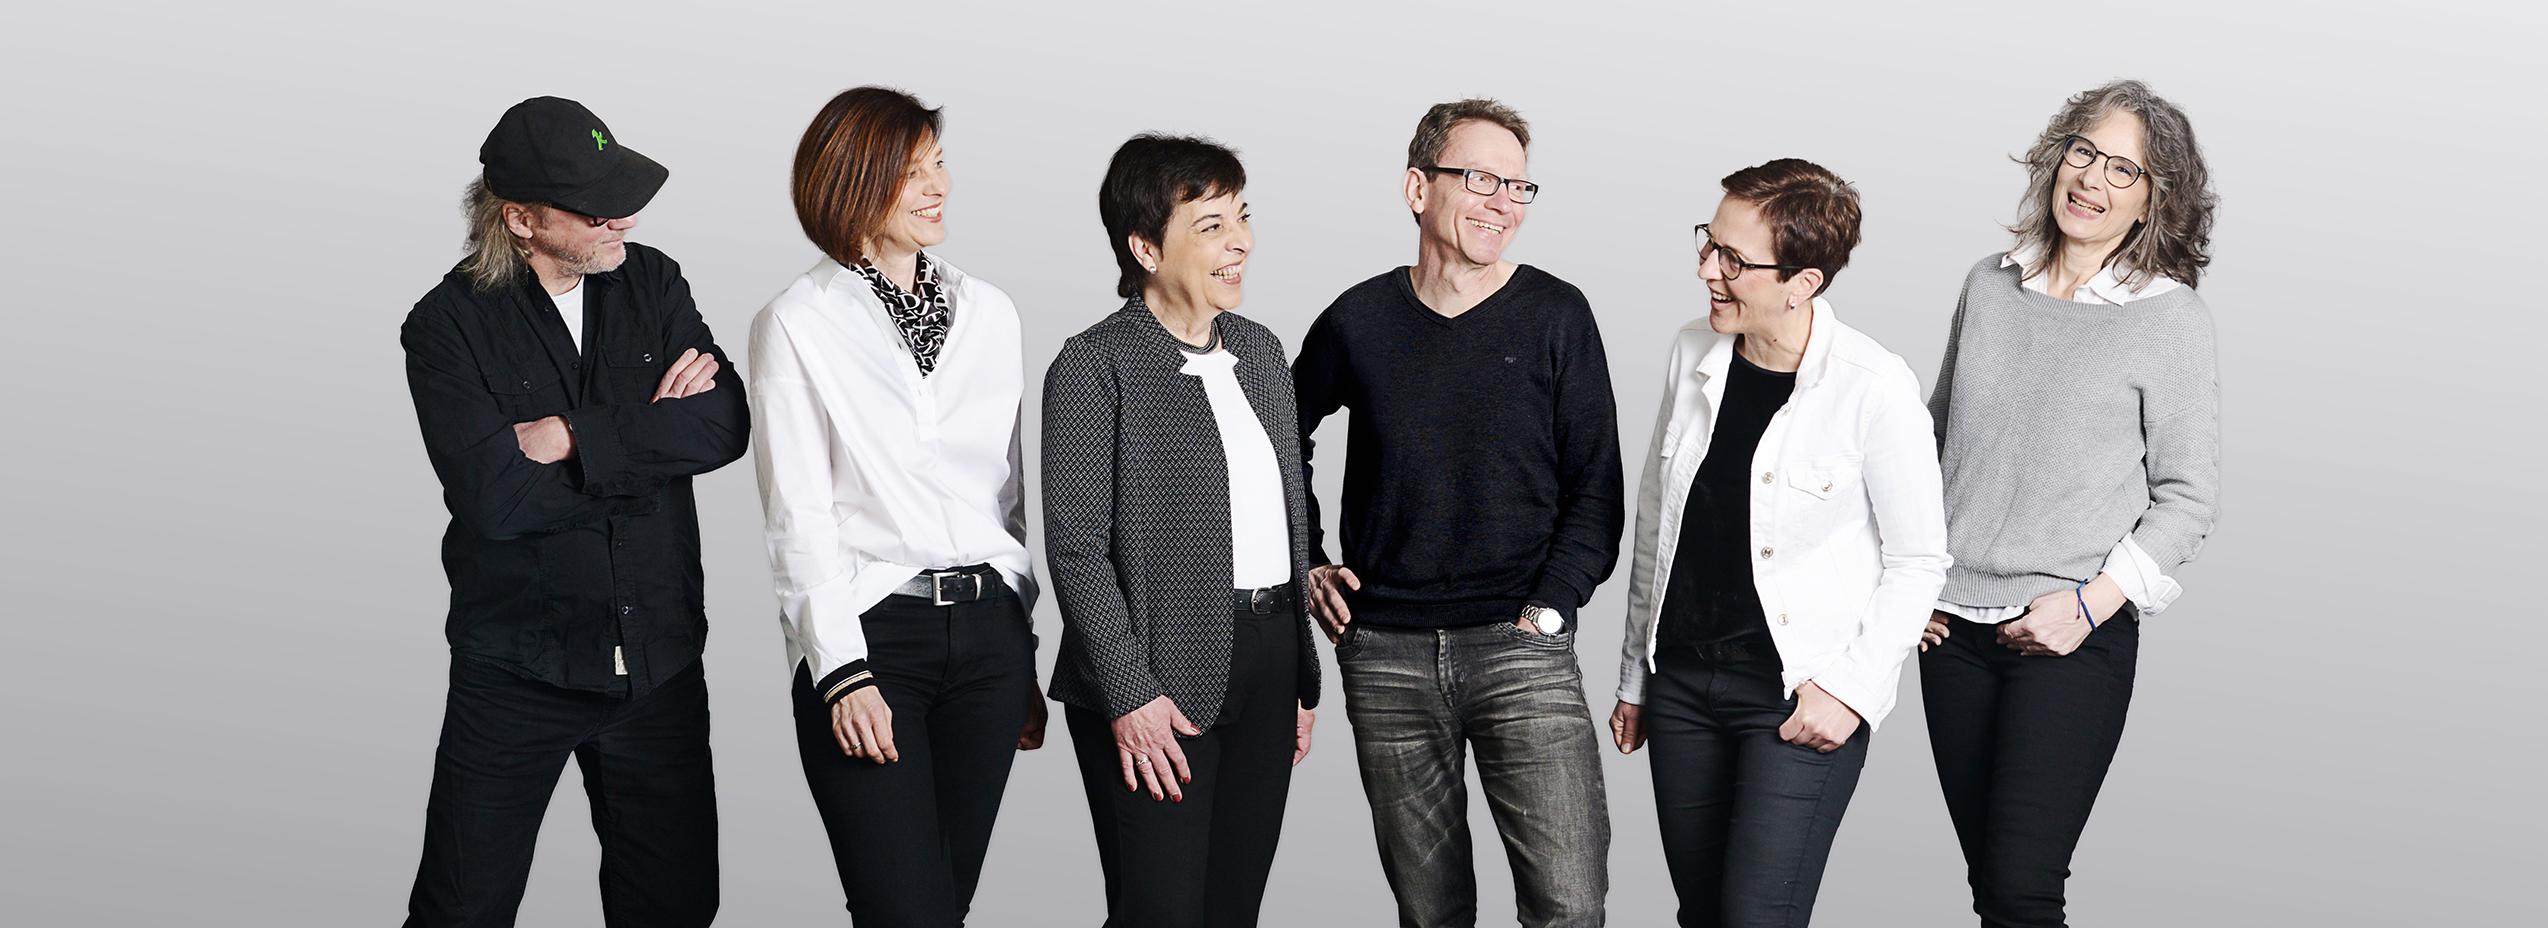 Foto des lachenden Teams. 5 Personen in lässiger Pose stehen in einer Reihe nebeneinander.